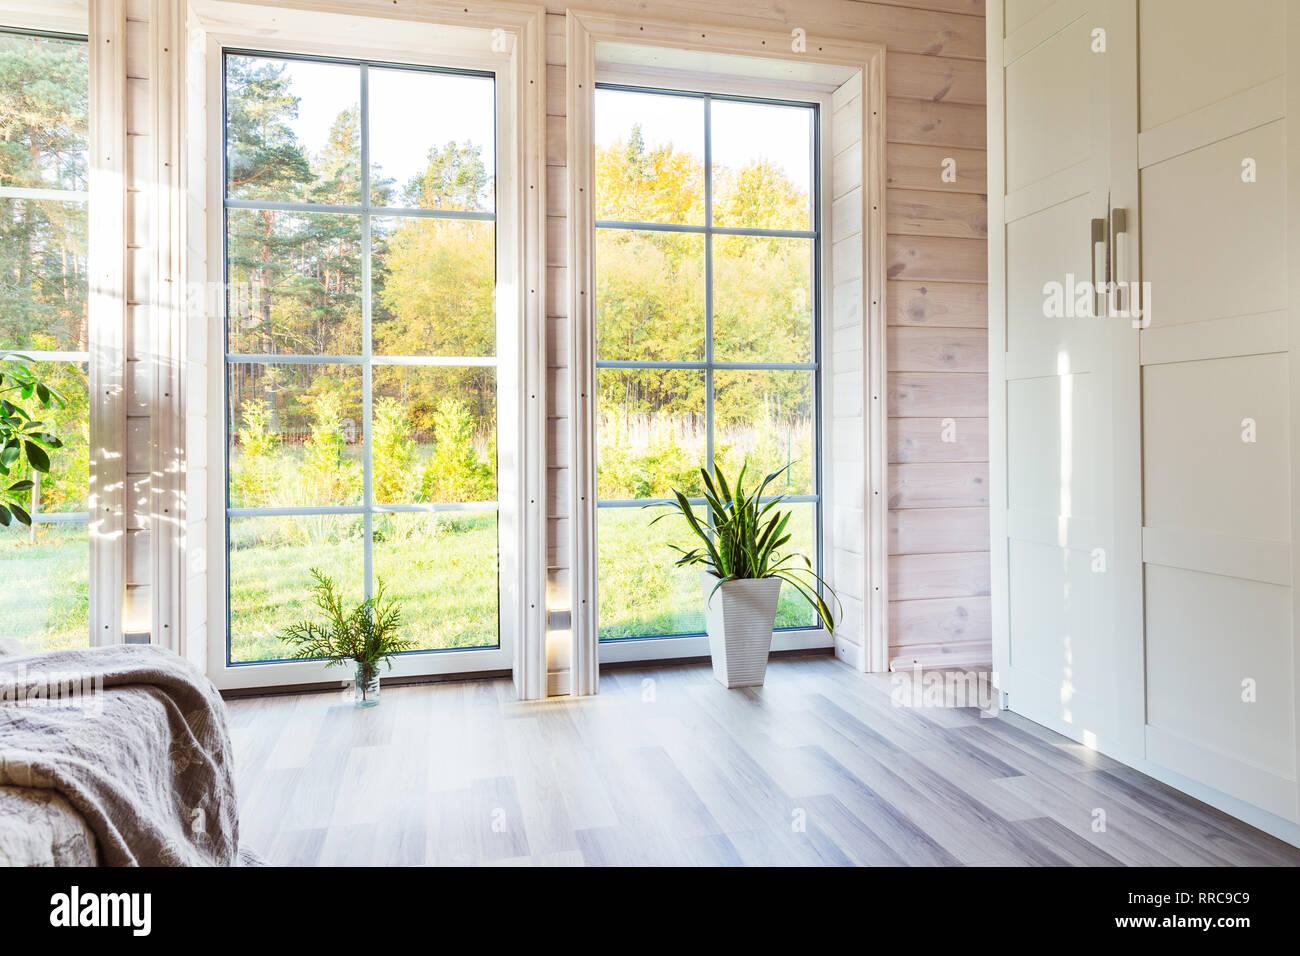 Interieur Lumineux Chambre Dans Maison En Bois Avec Grande Fenetre